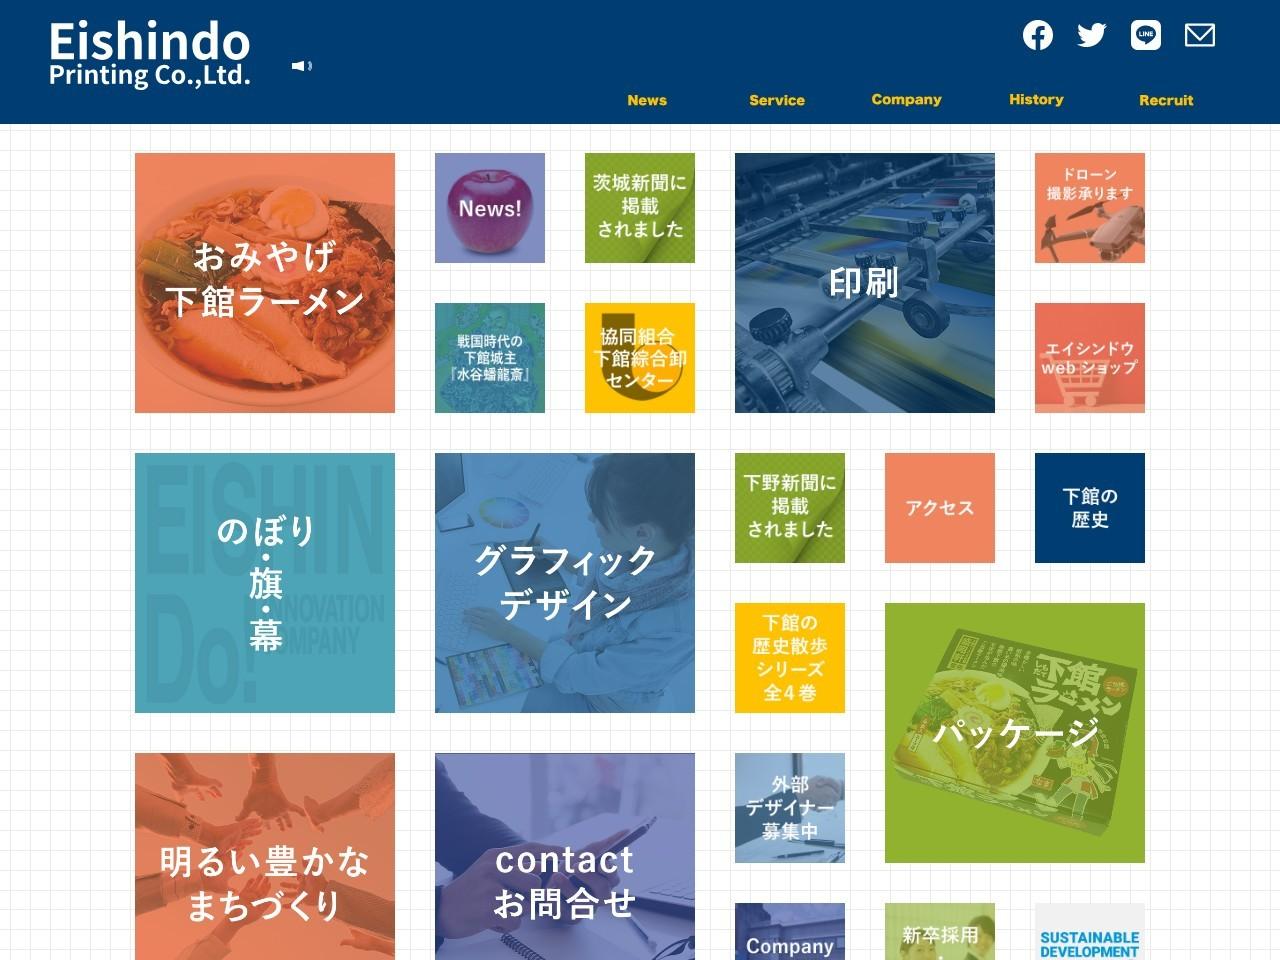 栄進堂印刷株式会社